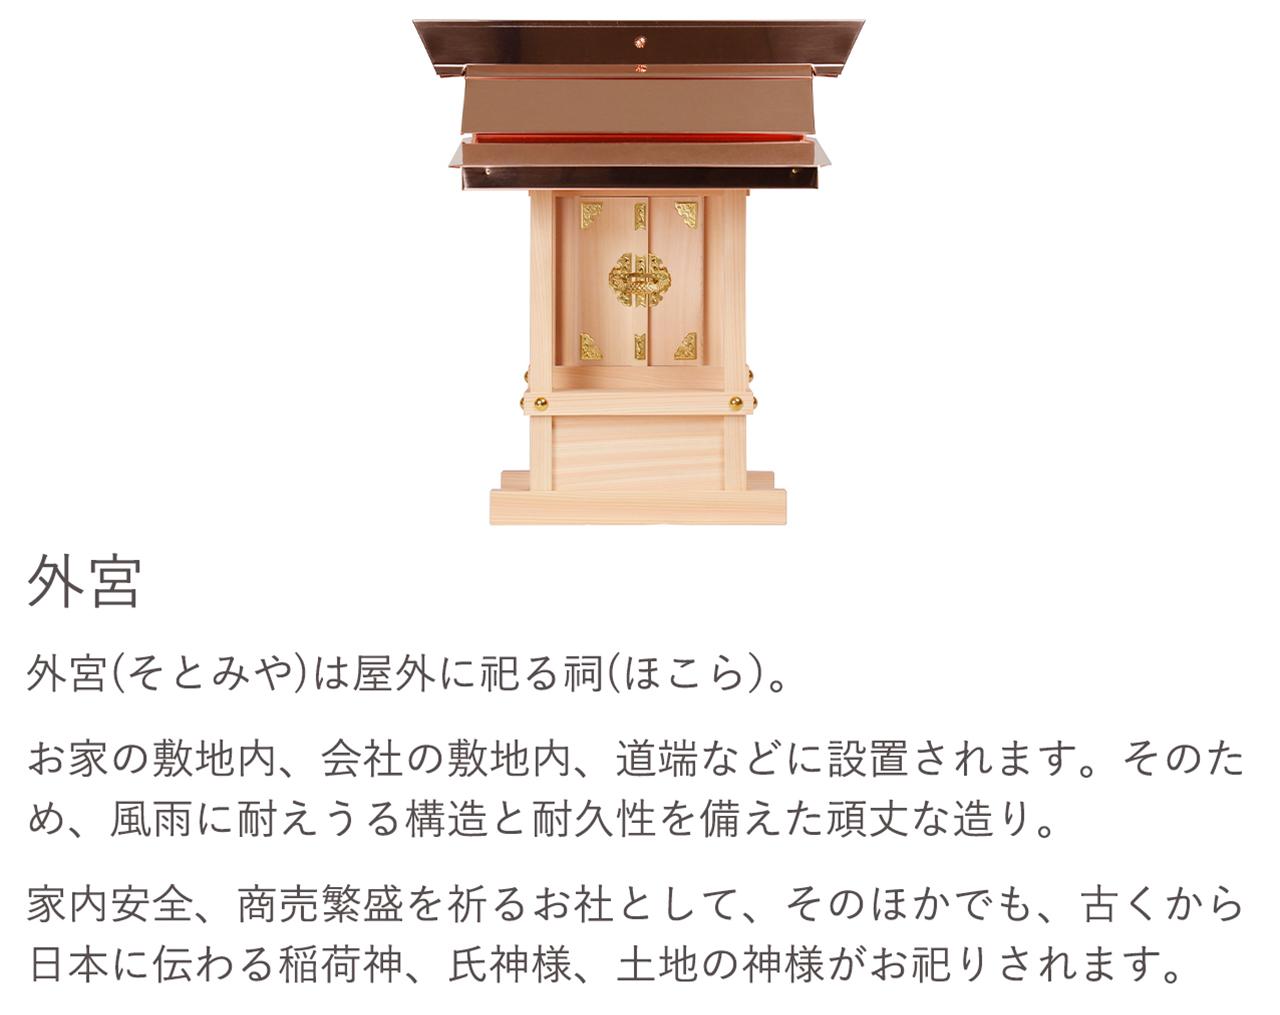 外宮(そとみや)は屋外に祀る祠(ほこら)。お家の敷地内、会社の敷地内、道端などに設置されます。そのため、風雨に耐えうる構造と耐久性を備えた頑丈な造り。家内安全、商売繁盛を祈るお社として、そのほかでも、古くから日本に伝わる稲荷神、氏神様、土地の神様がお祀りされます